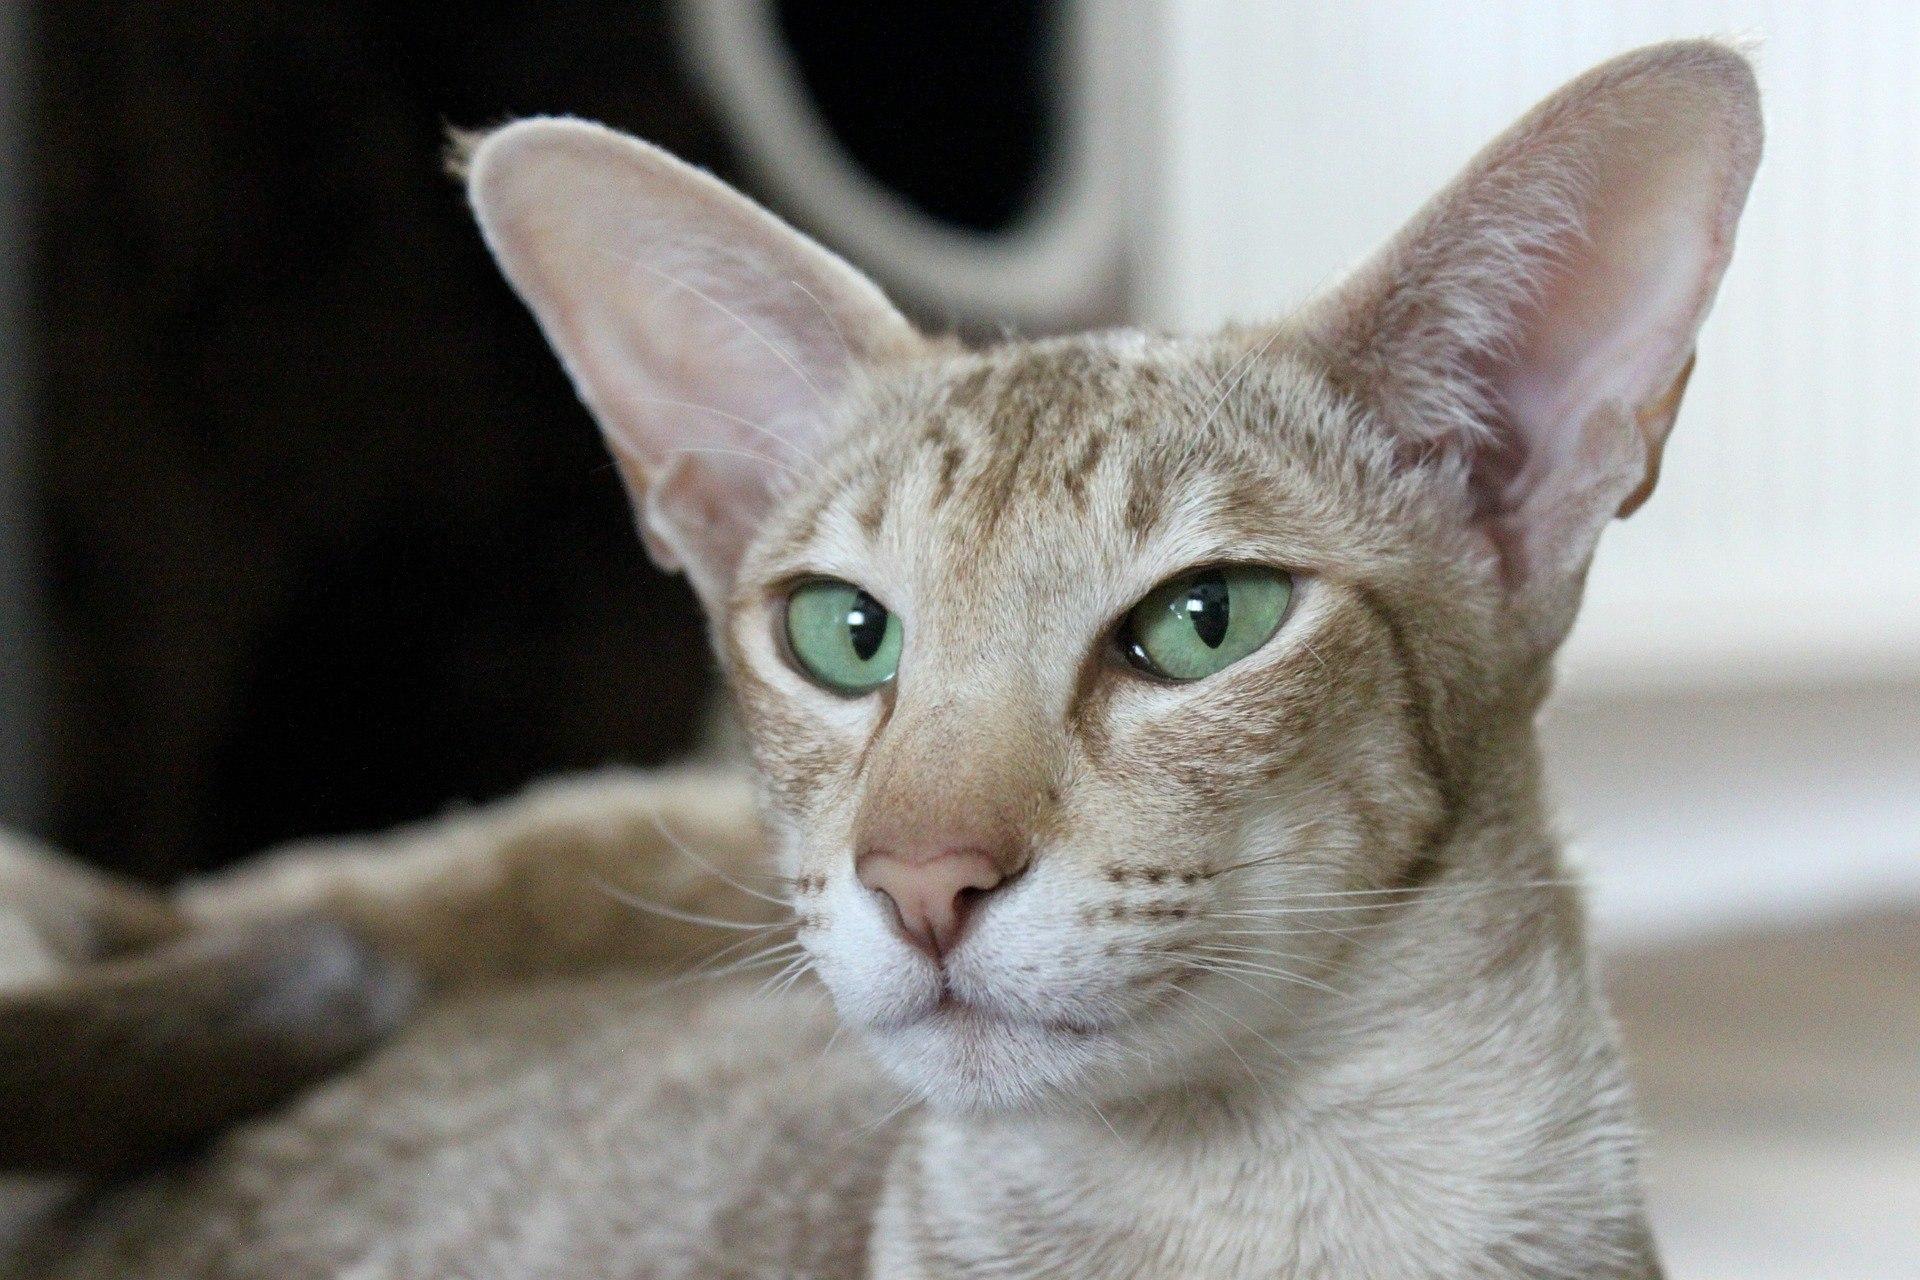 kot dla astmatyka, kot orientalny krótkowłosy, kotamy